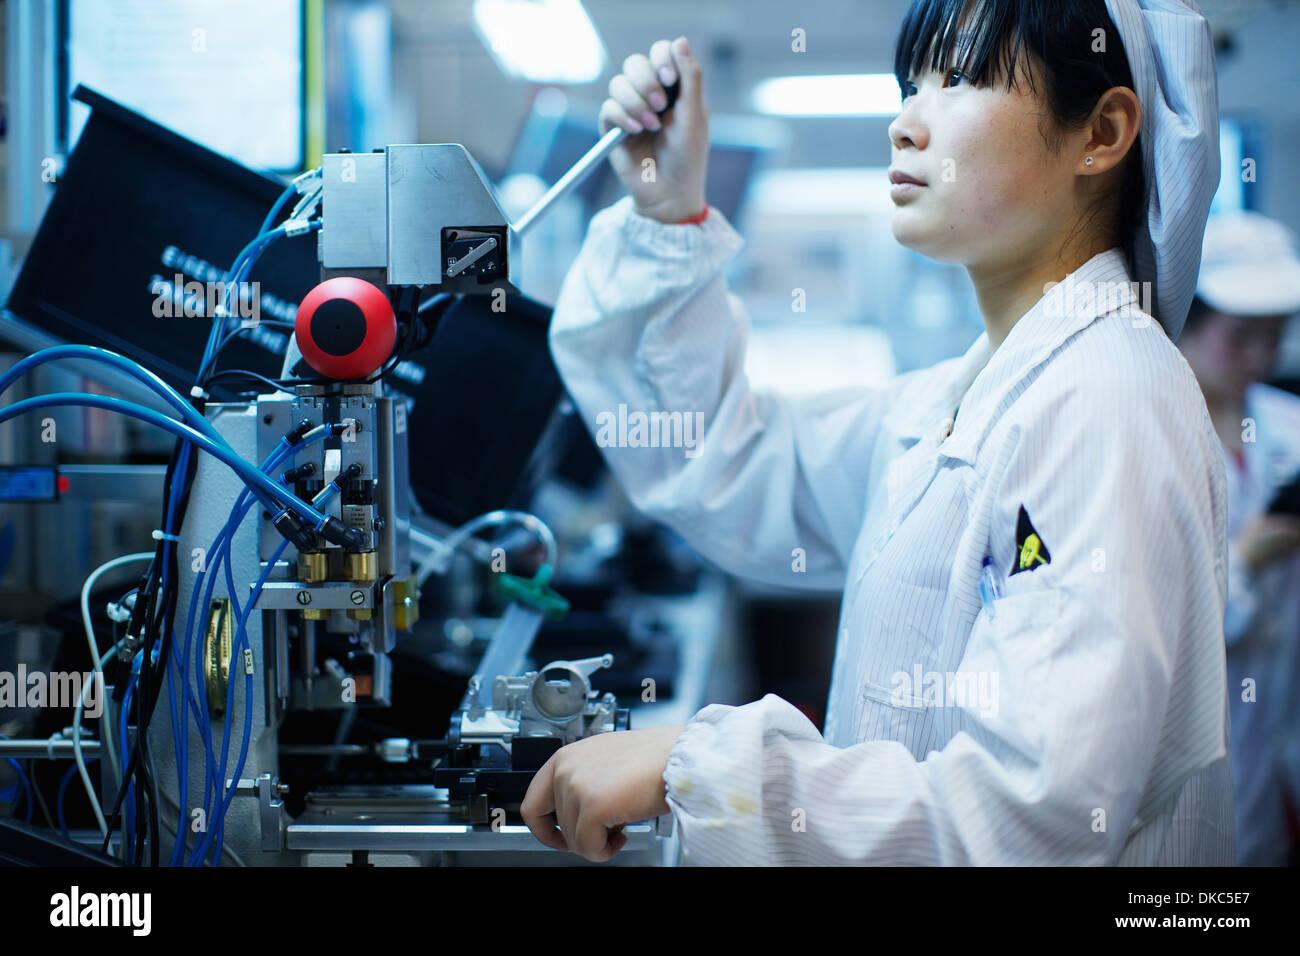 Lavoratore in piccole parti di stabilimento di produzione in Cina Immagini Stock